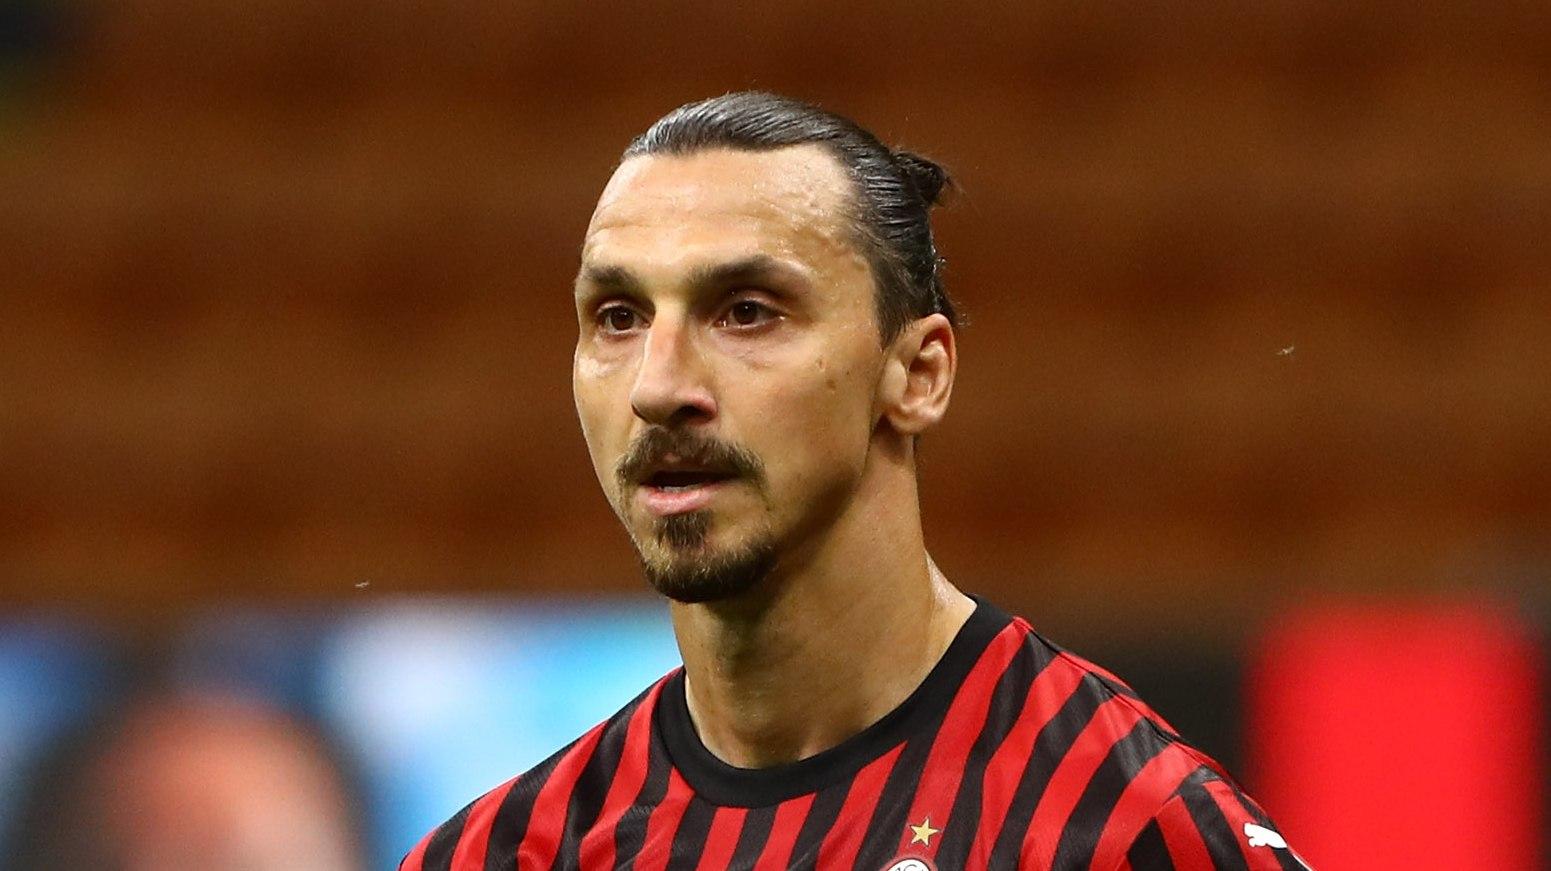 Il Milan schiaccia la Juve, 4-2 in rimonta. Super Rebic e Leao